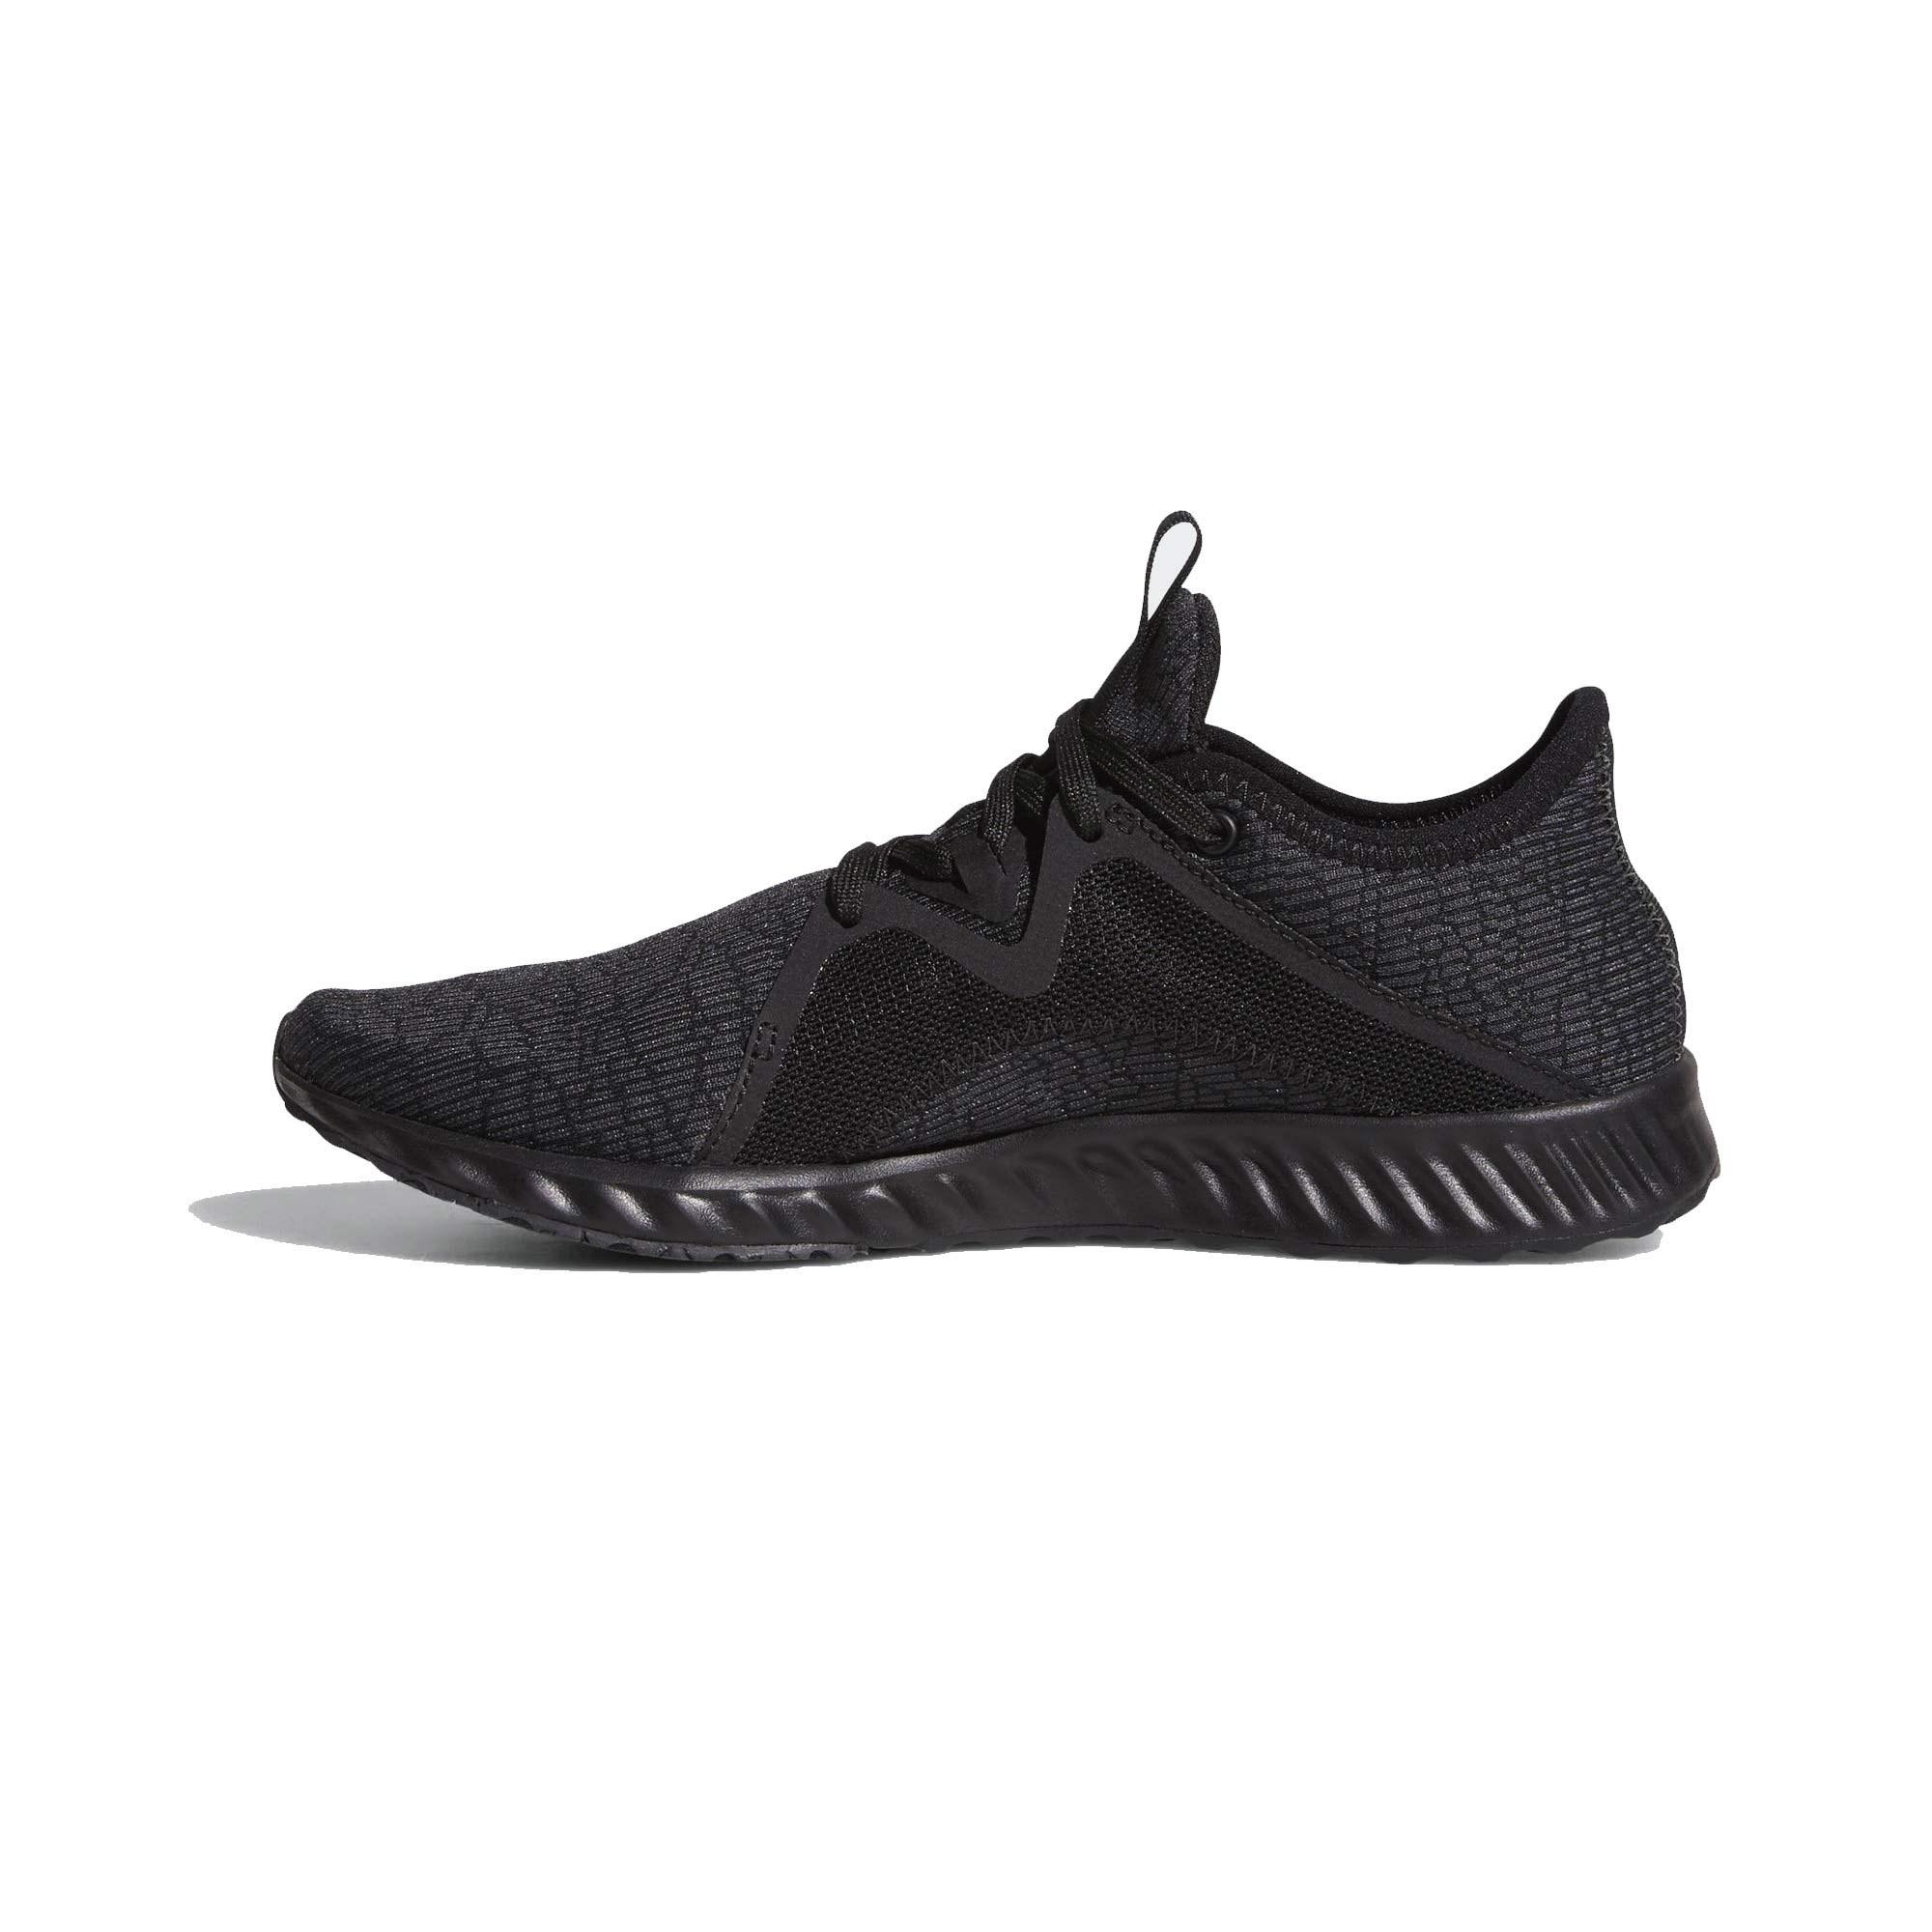 کفش مخصوص دویدن زنانه آدیداس مدل edge lux کد da9941